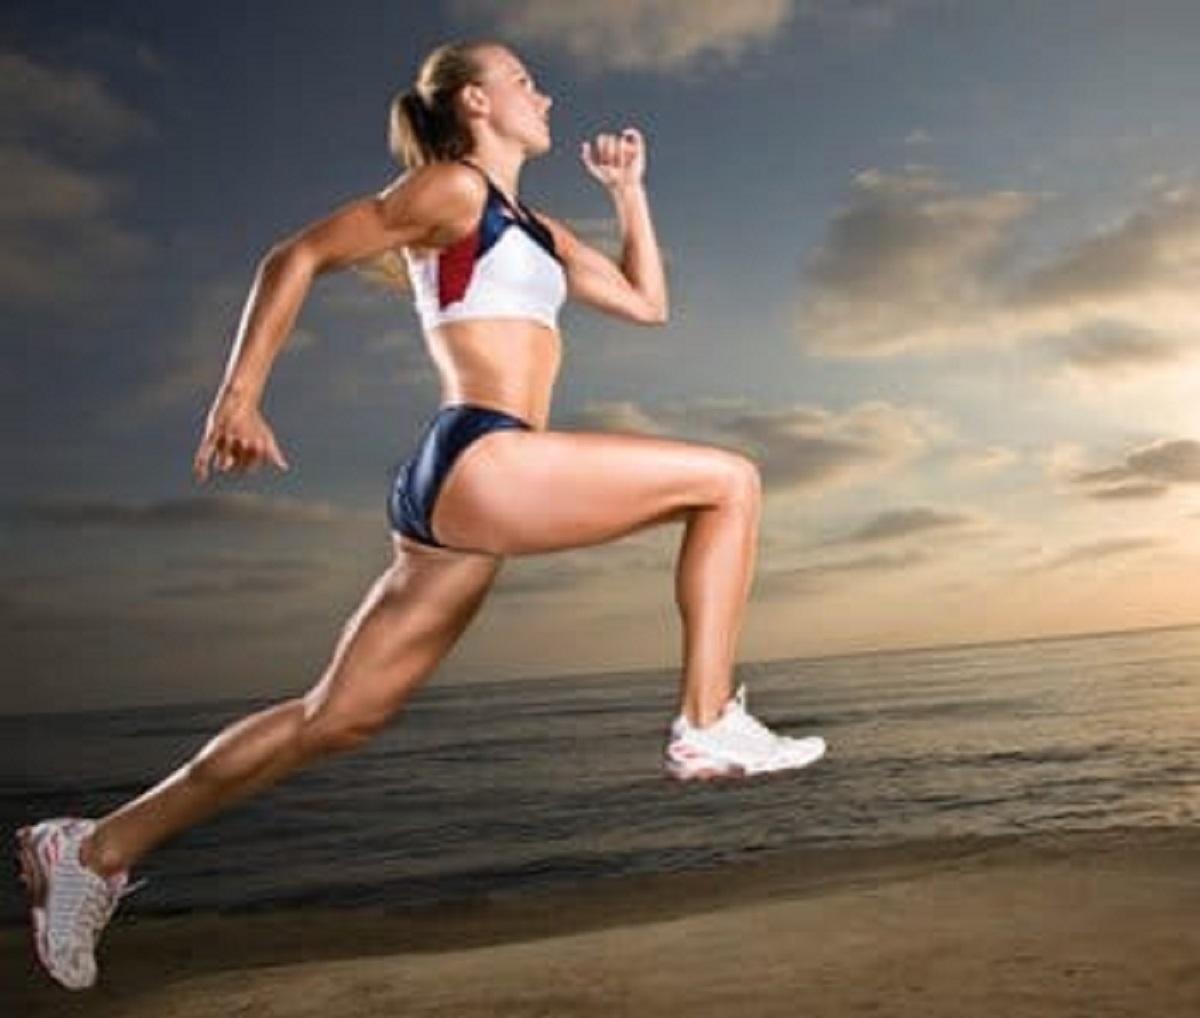 female-runner-on-beach